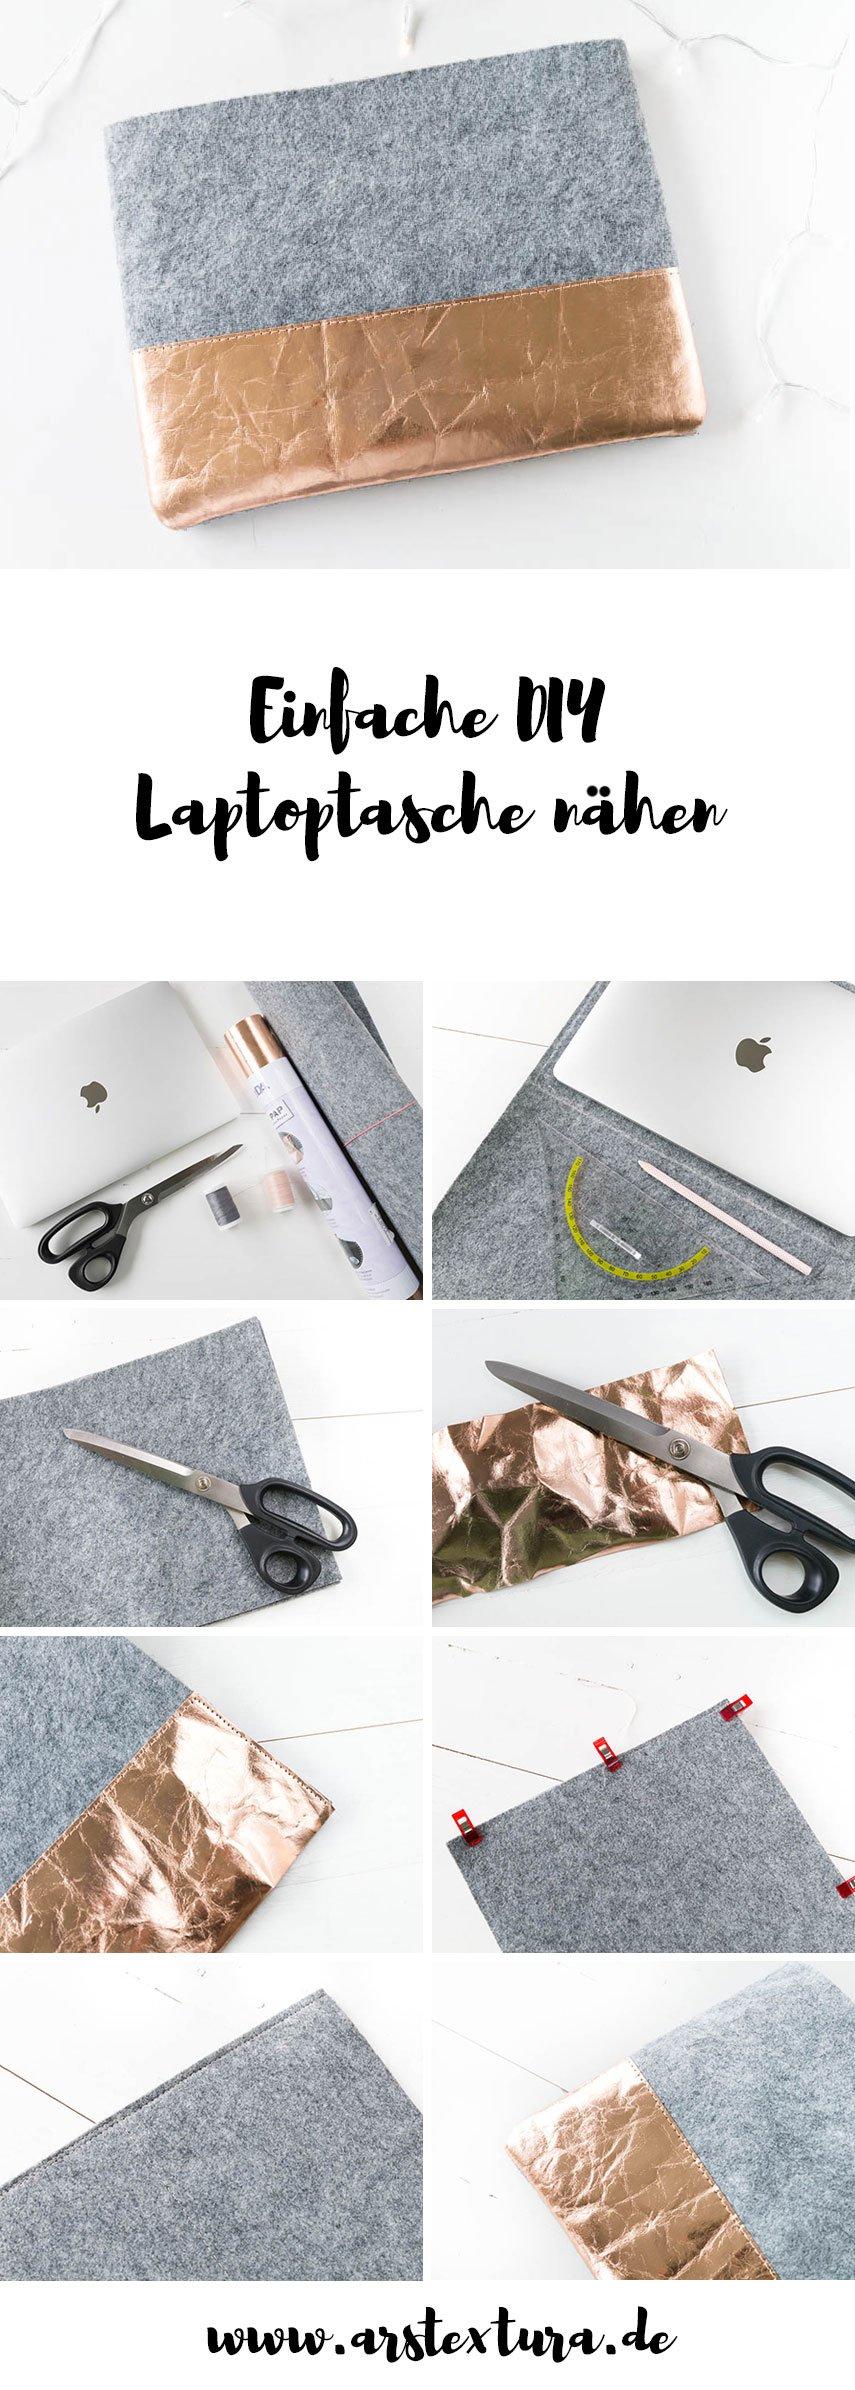 Einfache Laptoptasche nähen - Seele fürs Macbook aus Filz - ein tolles DIY Geschenk